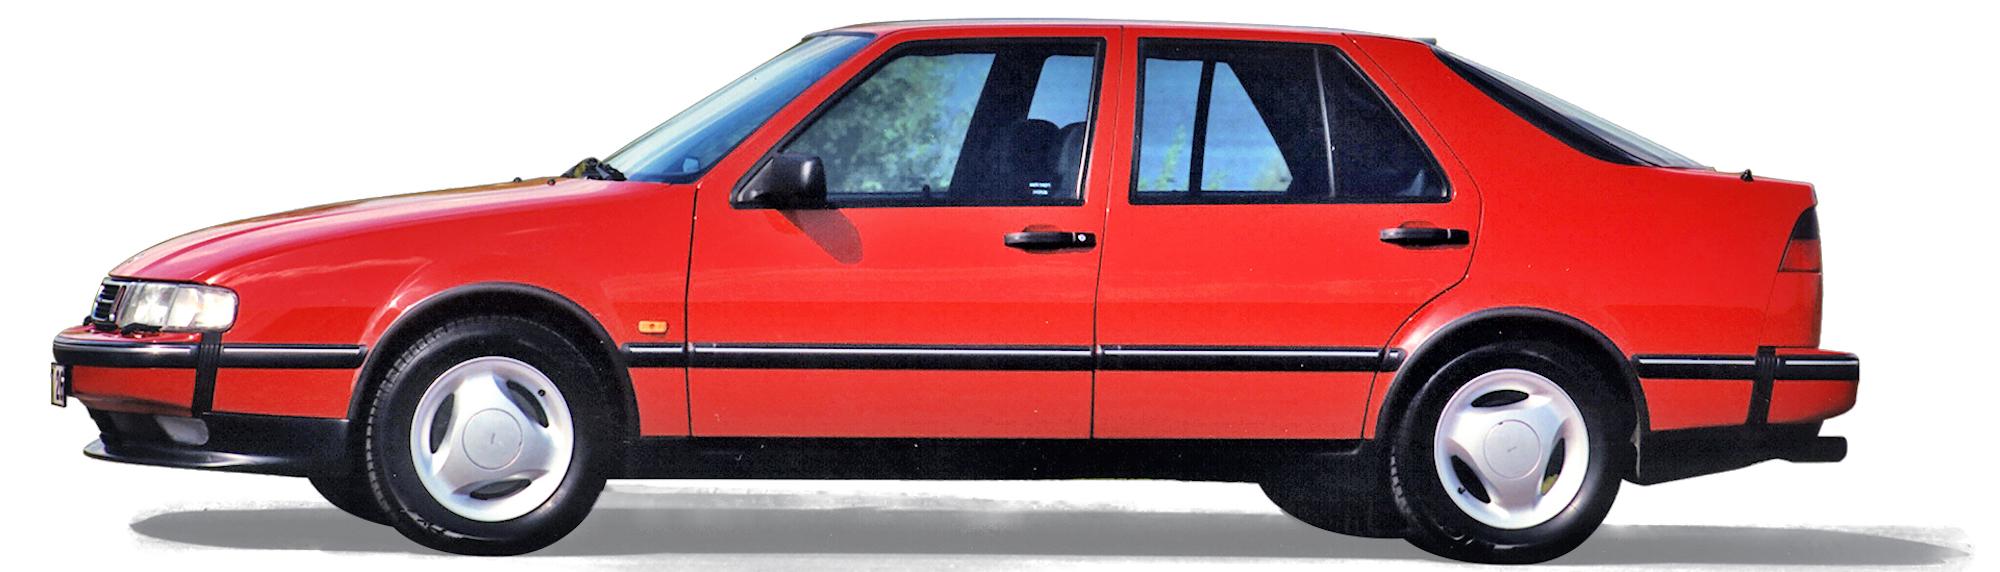 Saab 9000 (1984-1998)